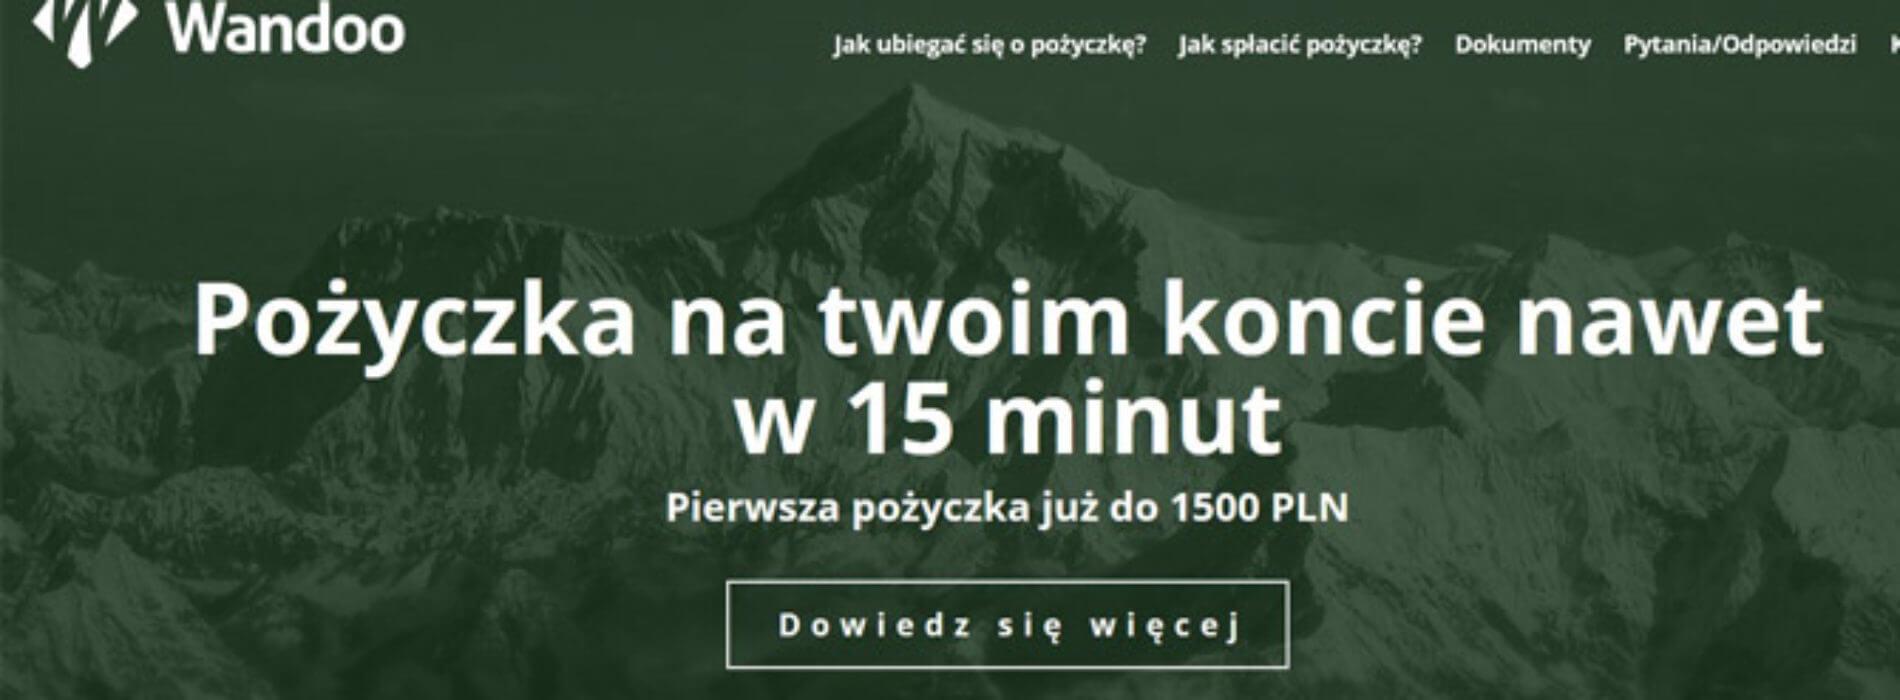 Kolejna darmowa chwilówka na rynku – Wandoo.pl